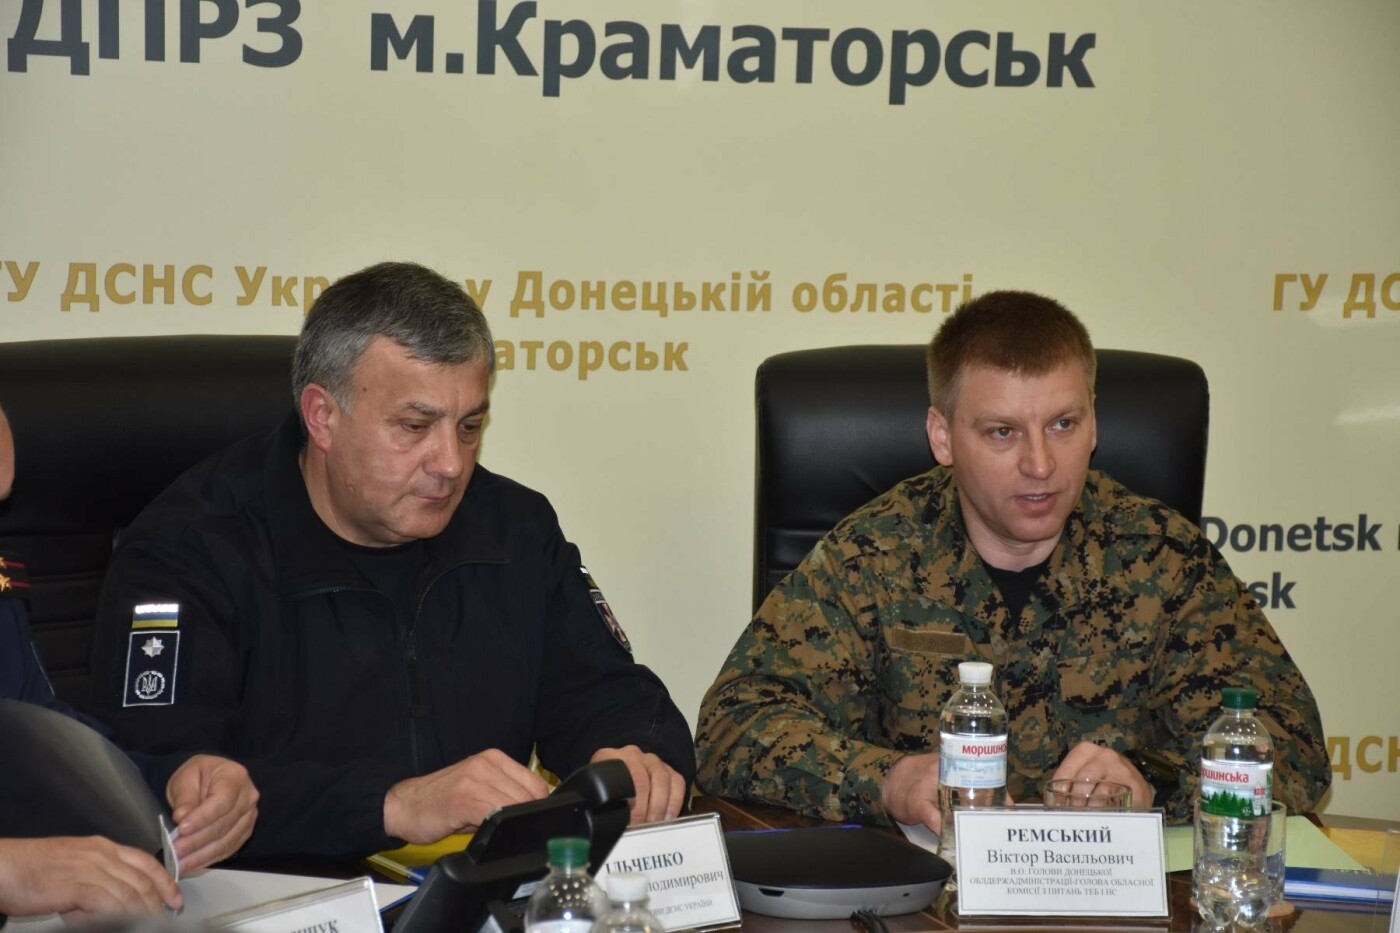 Славянск и Константиновка отстают в показателях по пожарной безопасности, фото-1